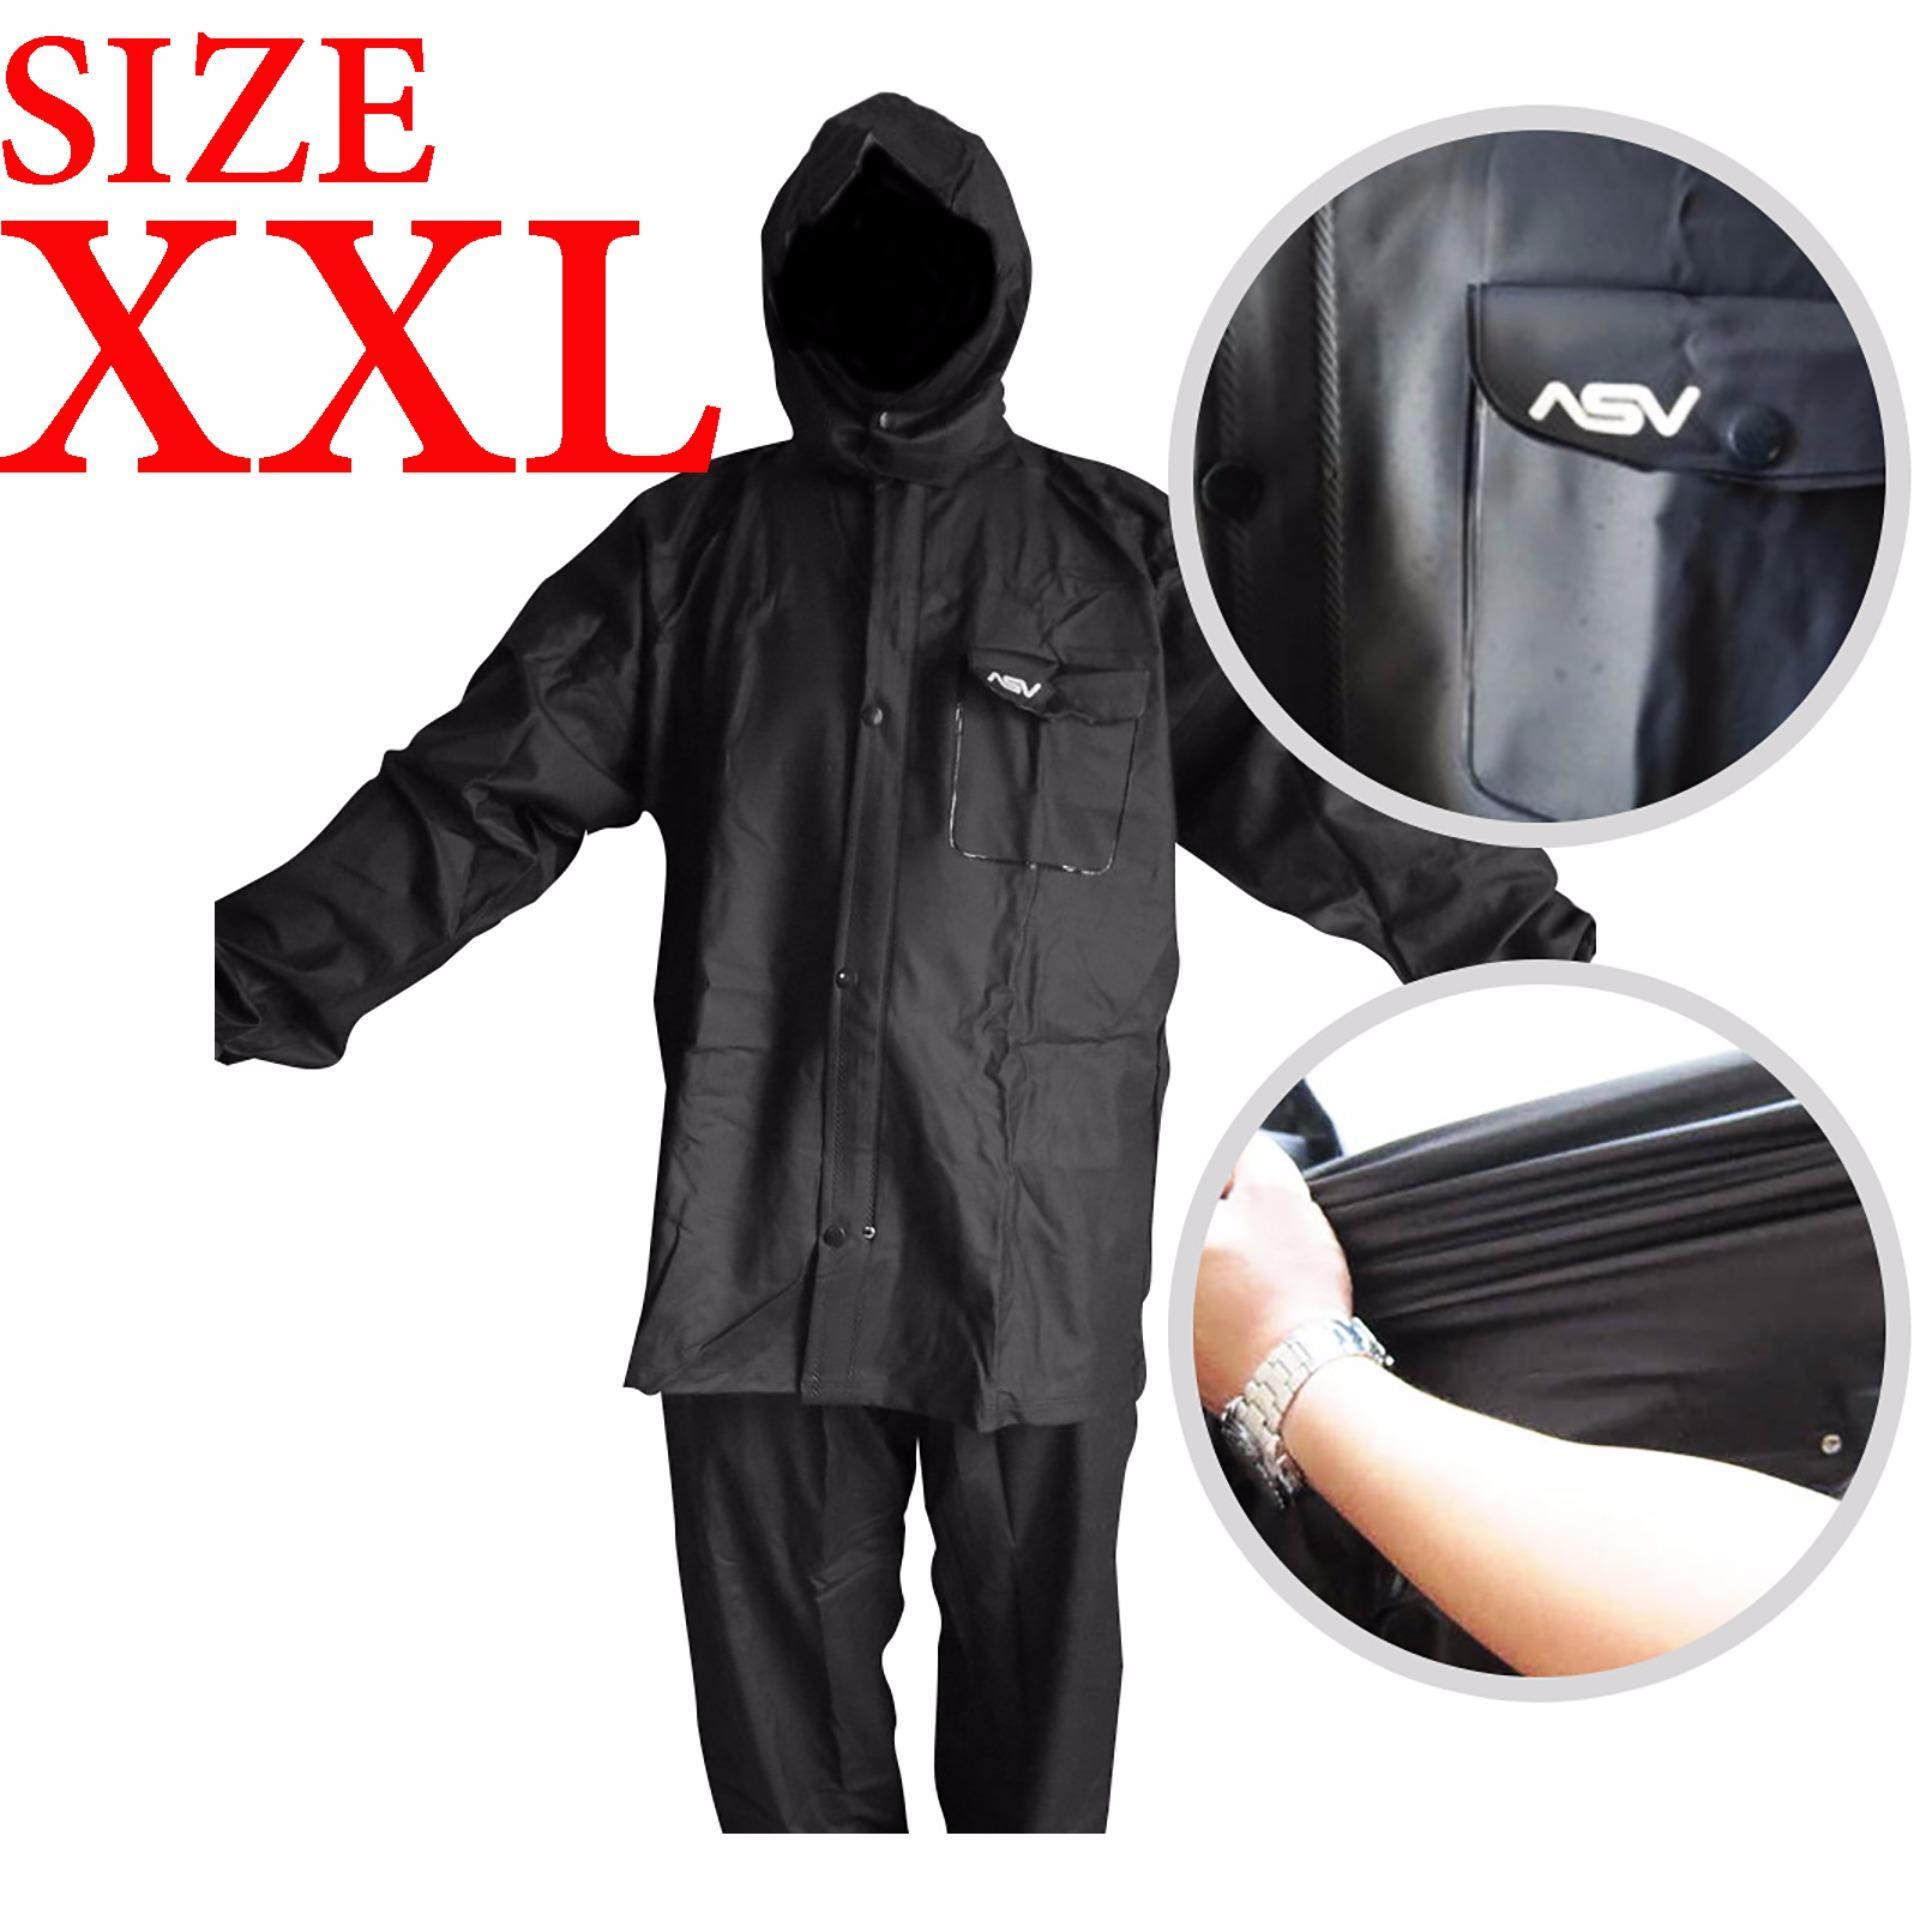 Jas Hujan ASV Versi 1 Kualitas No.1 Karet PVC Full Rubber Tebal Sistem Press Original Waterproof Raincoat ASV - Hitam Ukuran XXL